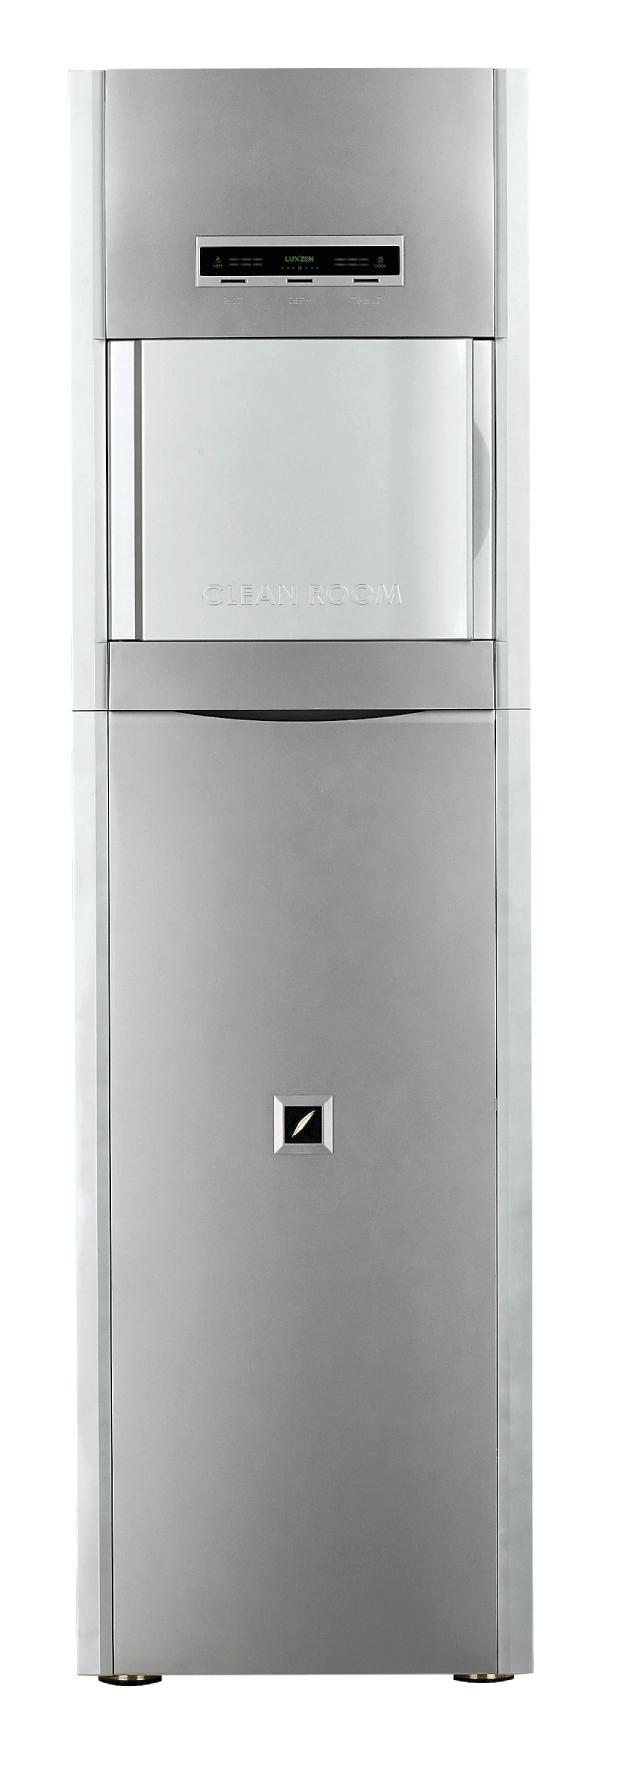 LUXZEN Cold/Hot Water Purifier(JNW-1300)